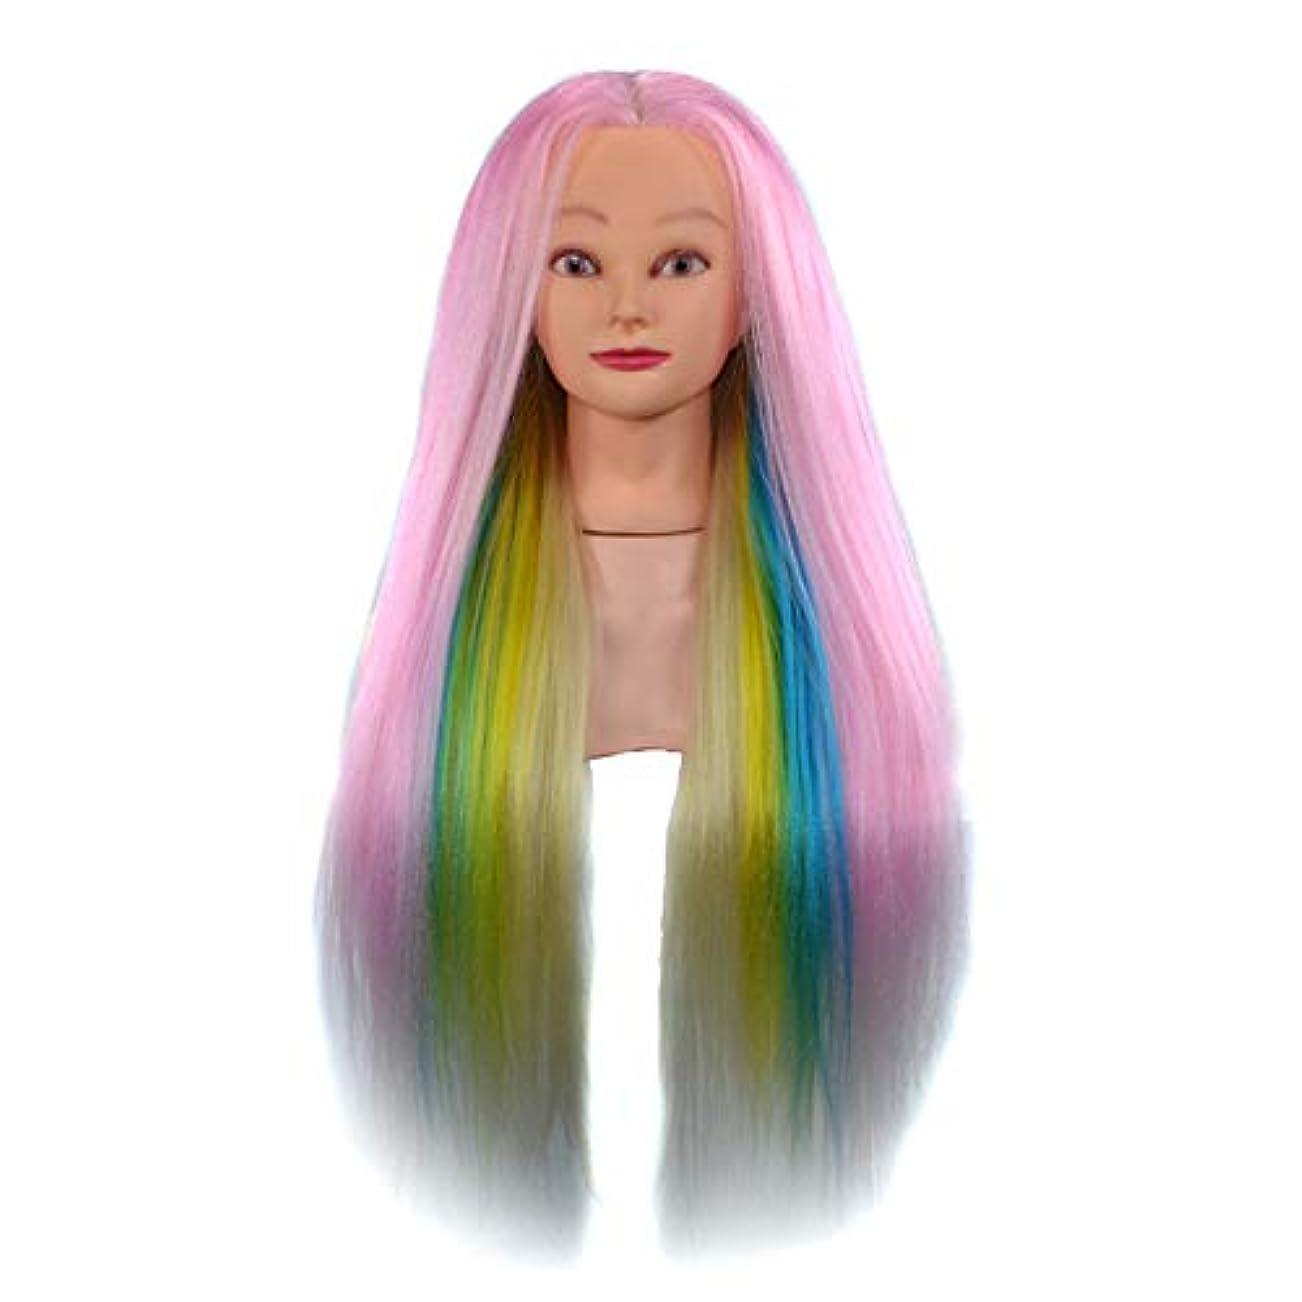 ショッピングセンター奴隷スロープ高温ワイヤー矯正スタイリング切断マネキンヘッドトレーニングヘッド理髪マネキン人形ヘッドでクランプ